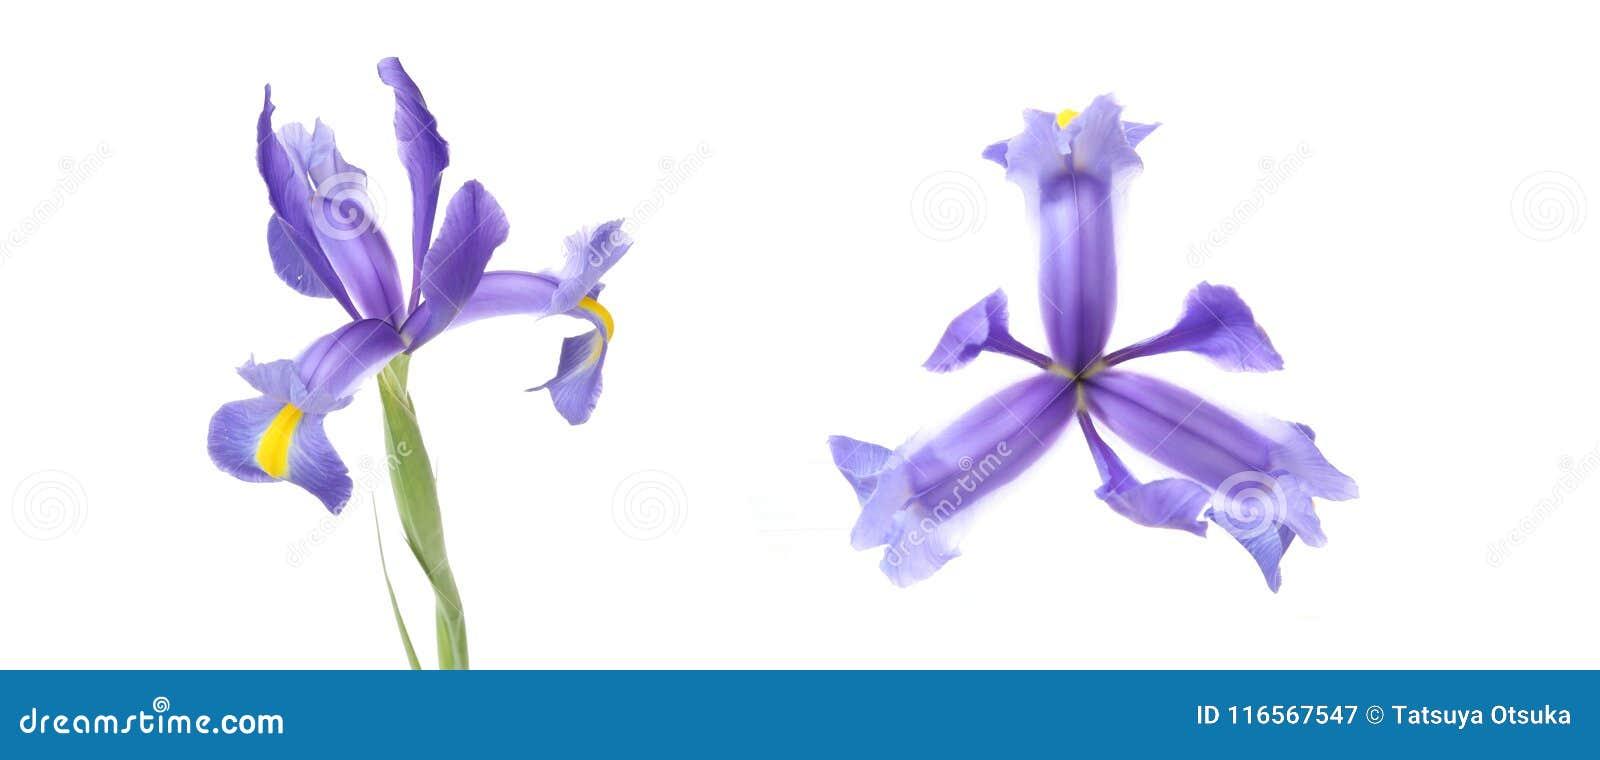 Kwiat głowa irys w białym tle